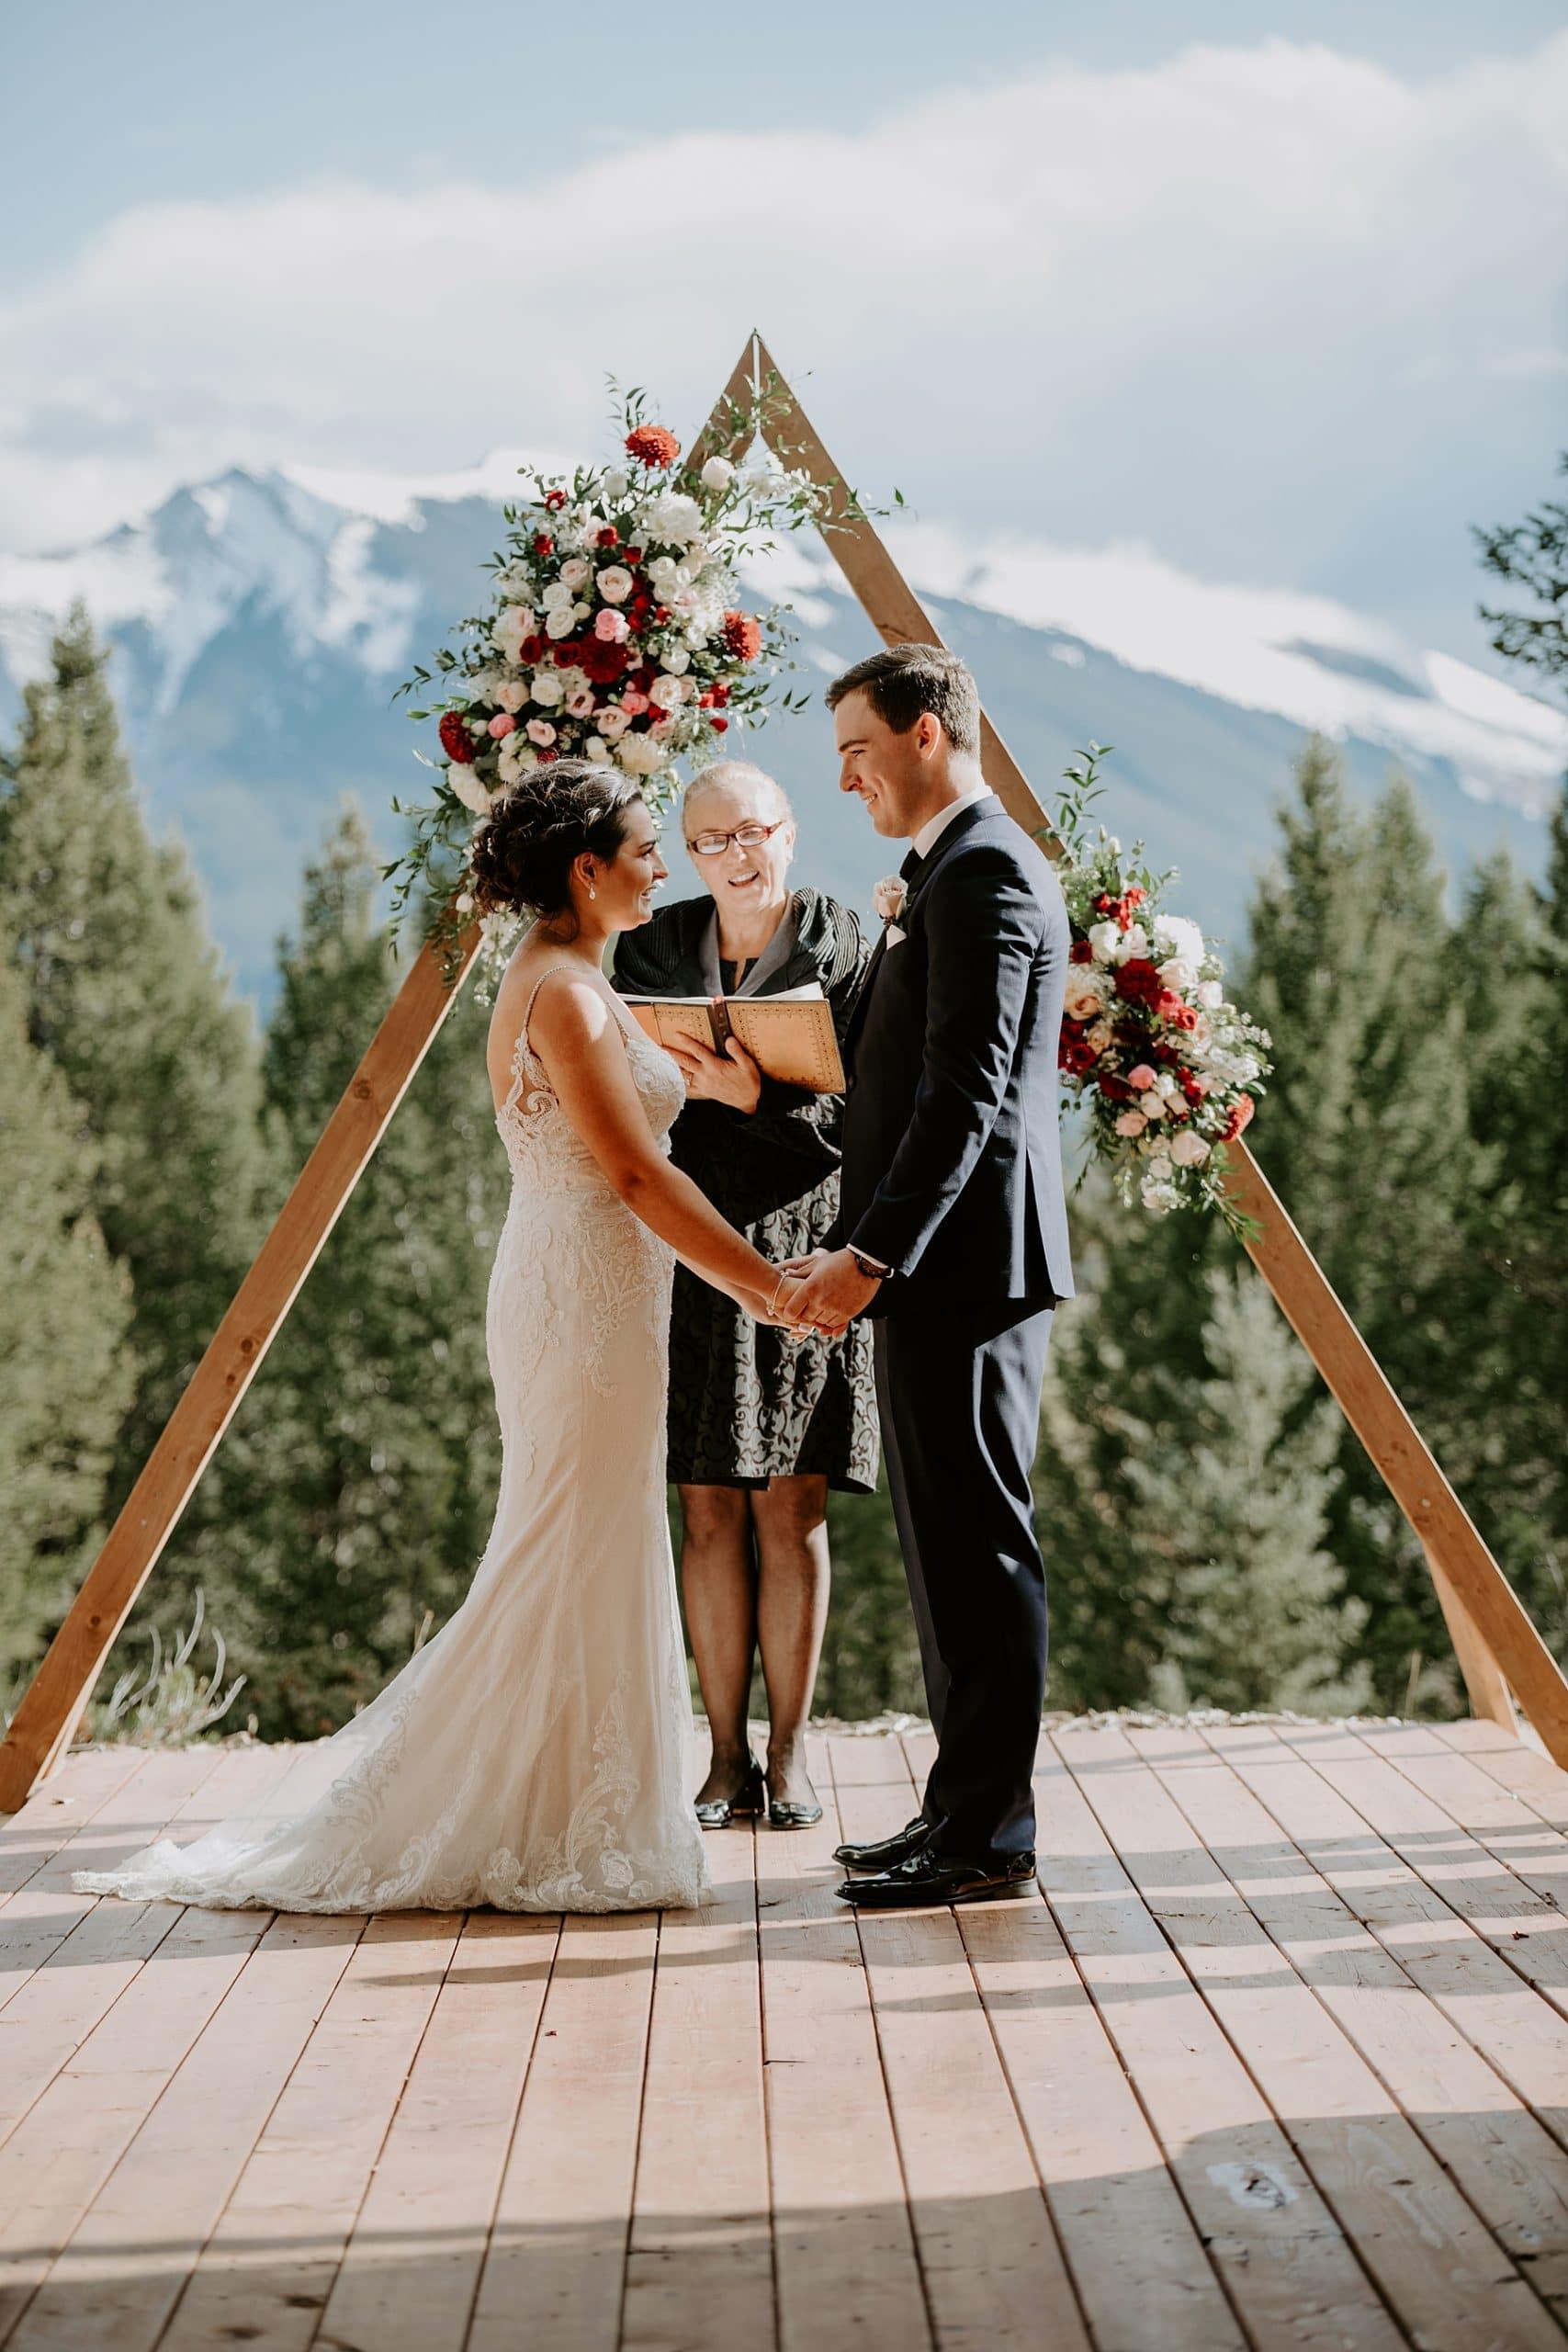 Ceremonieel huwelijk in de bergen